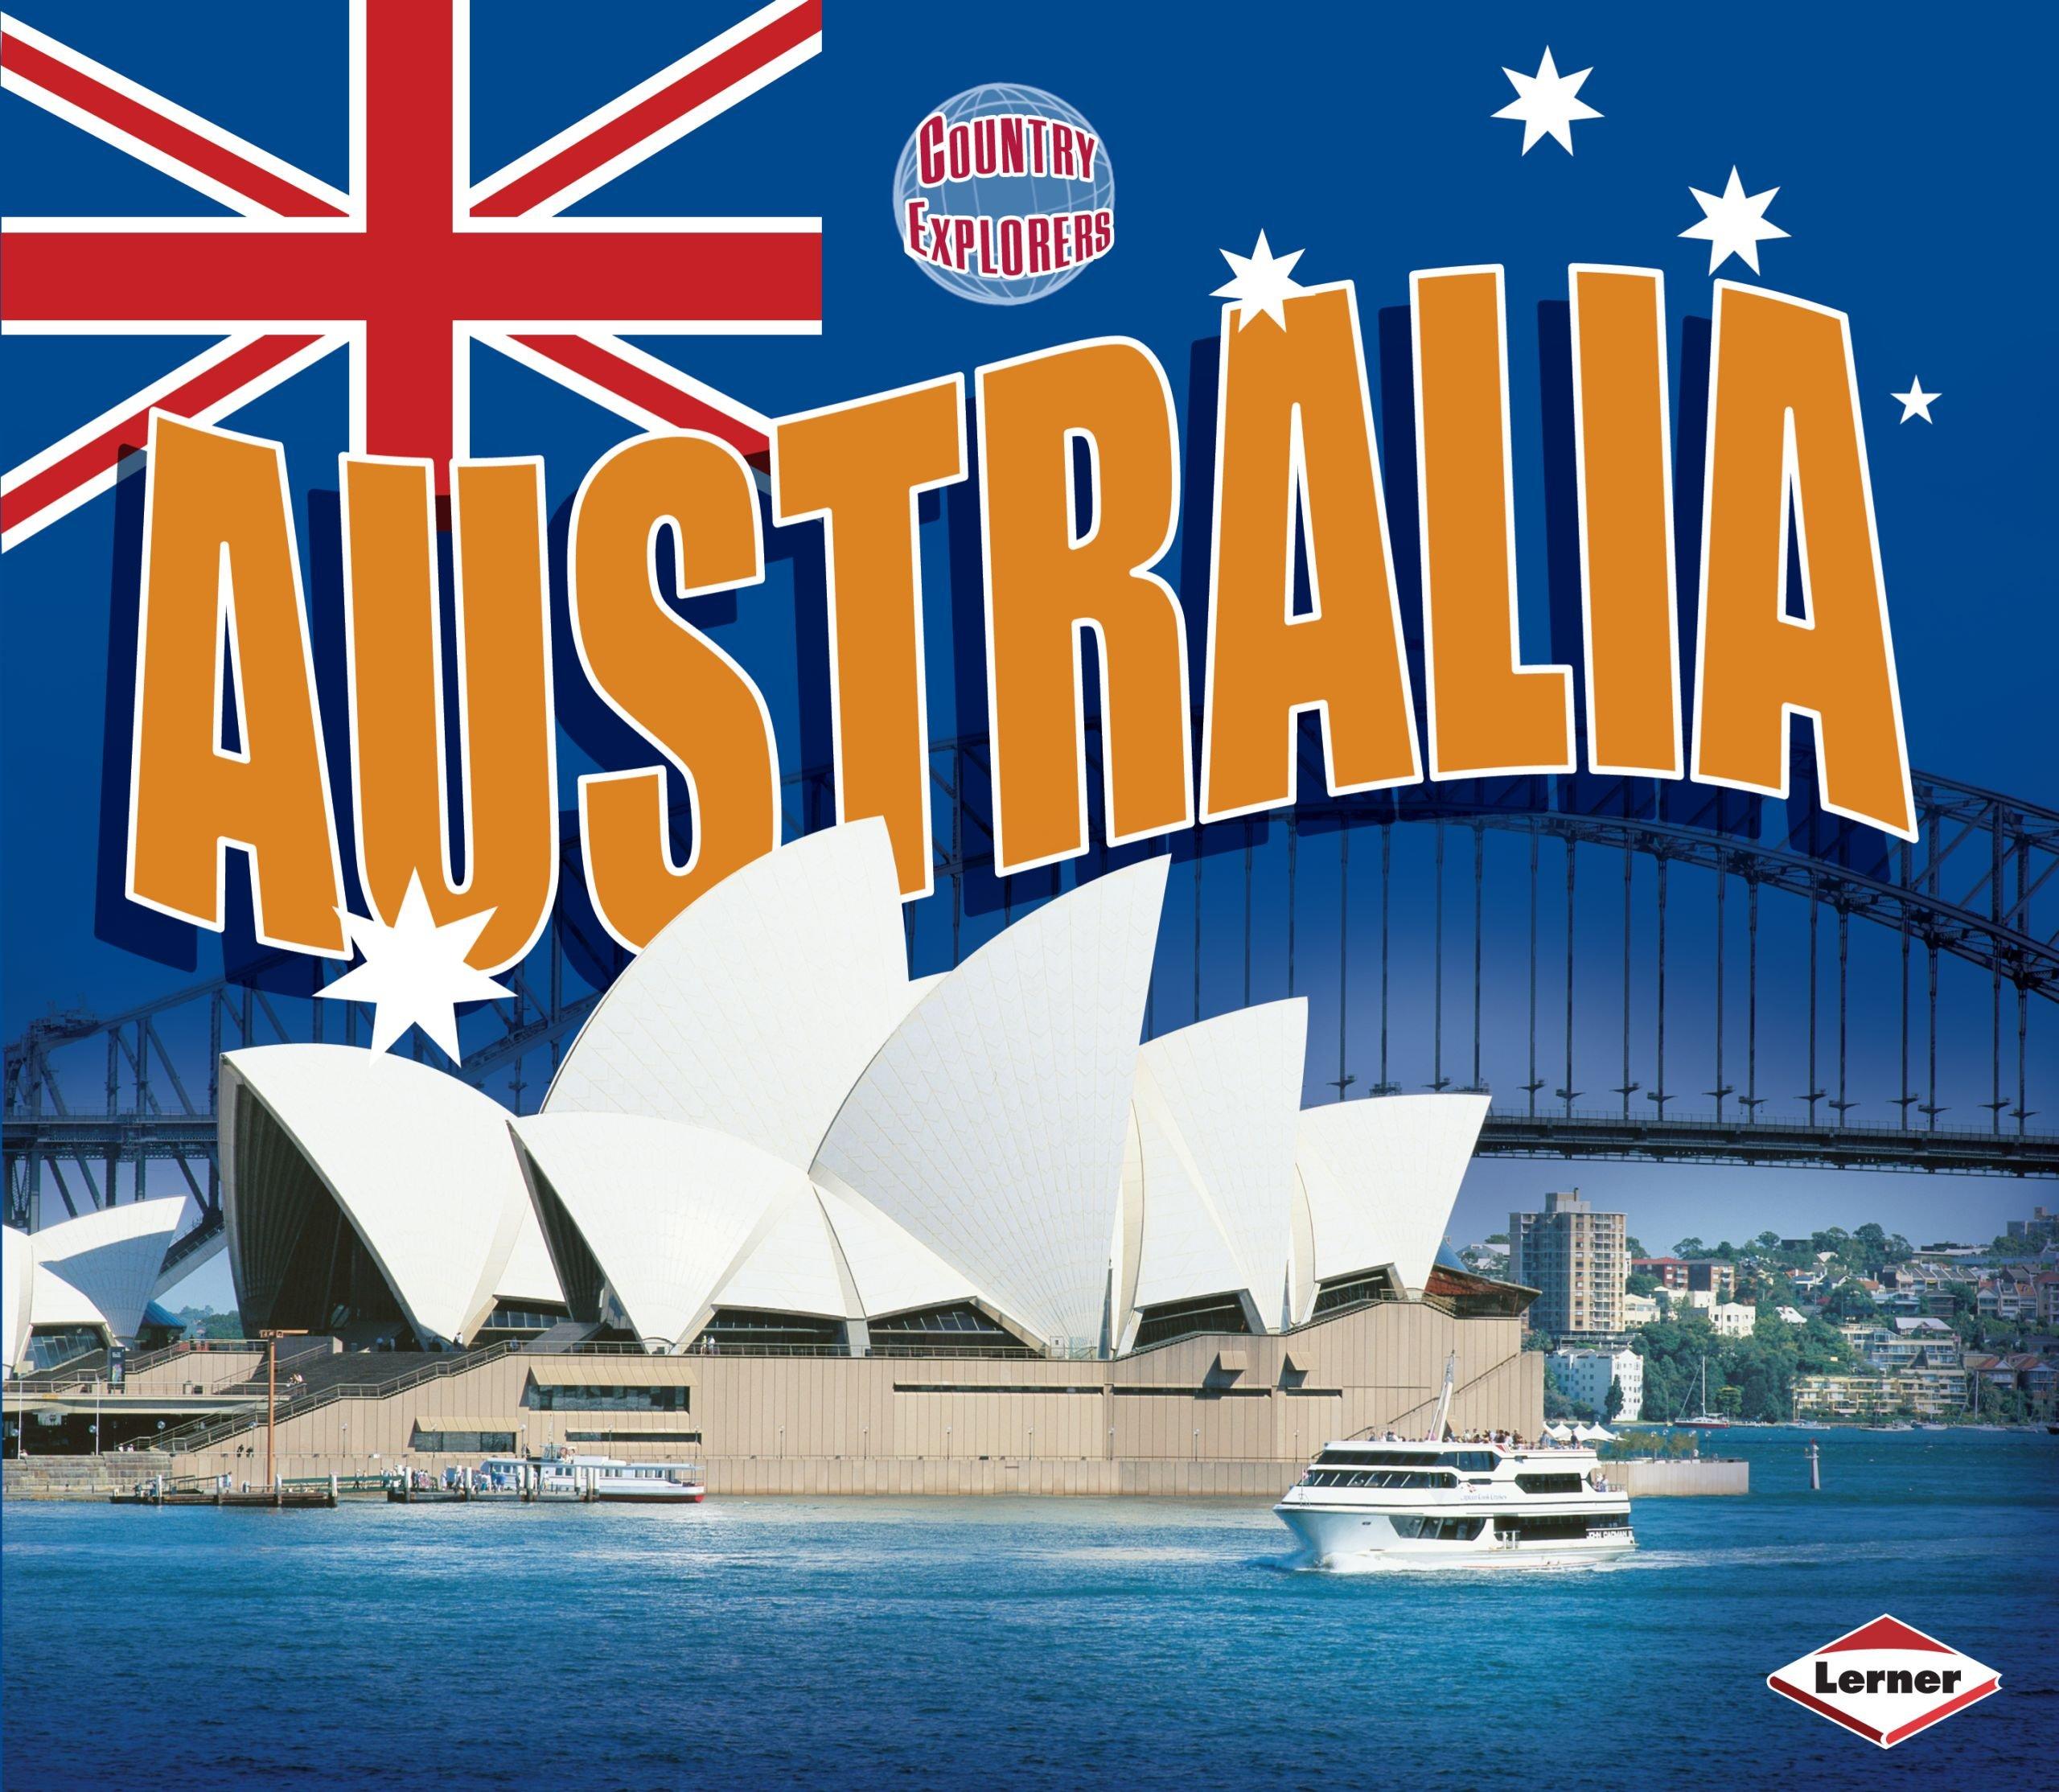 Australia (Country Explorers)